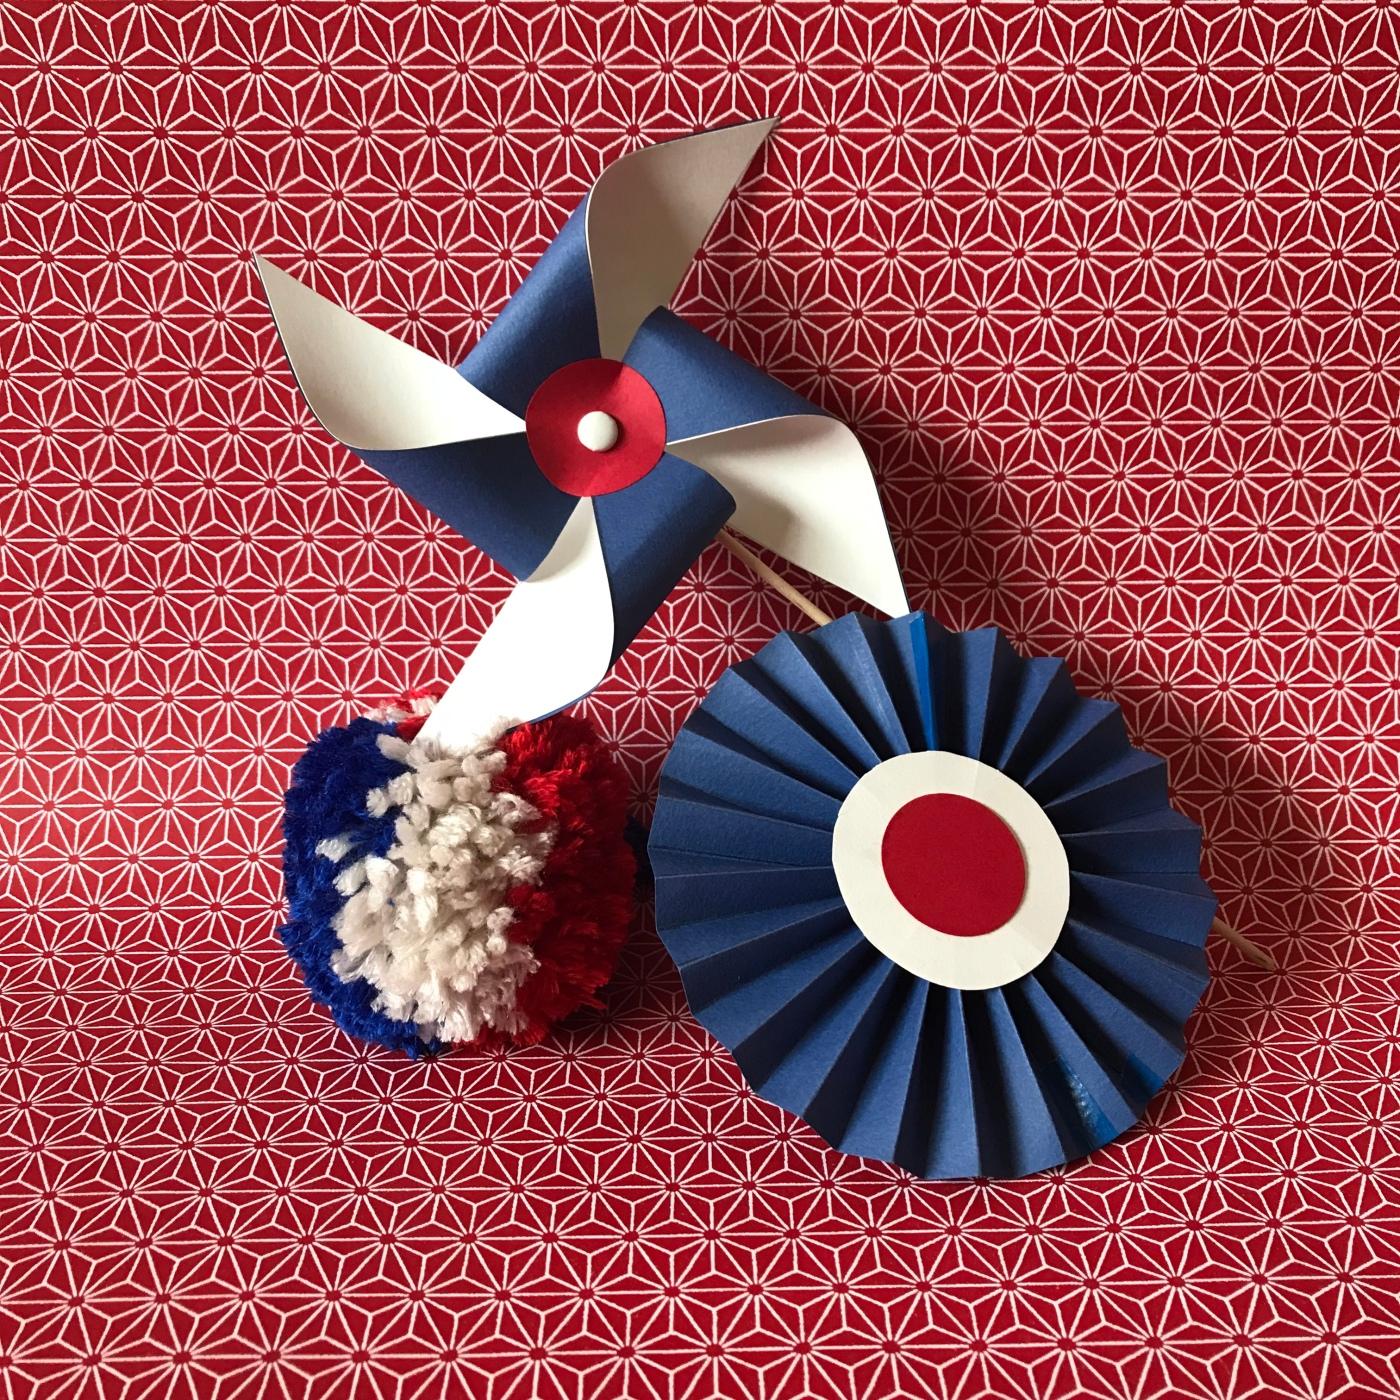 Tous français cette semaine bricolage enfant DIY craft bleu-blanc-rouge cocarde moulin à vent pompon en laine patriotes image à la une